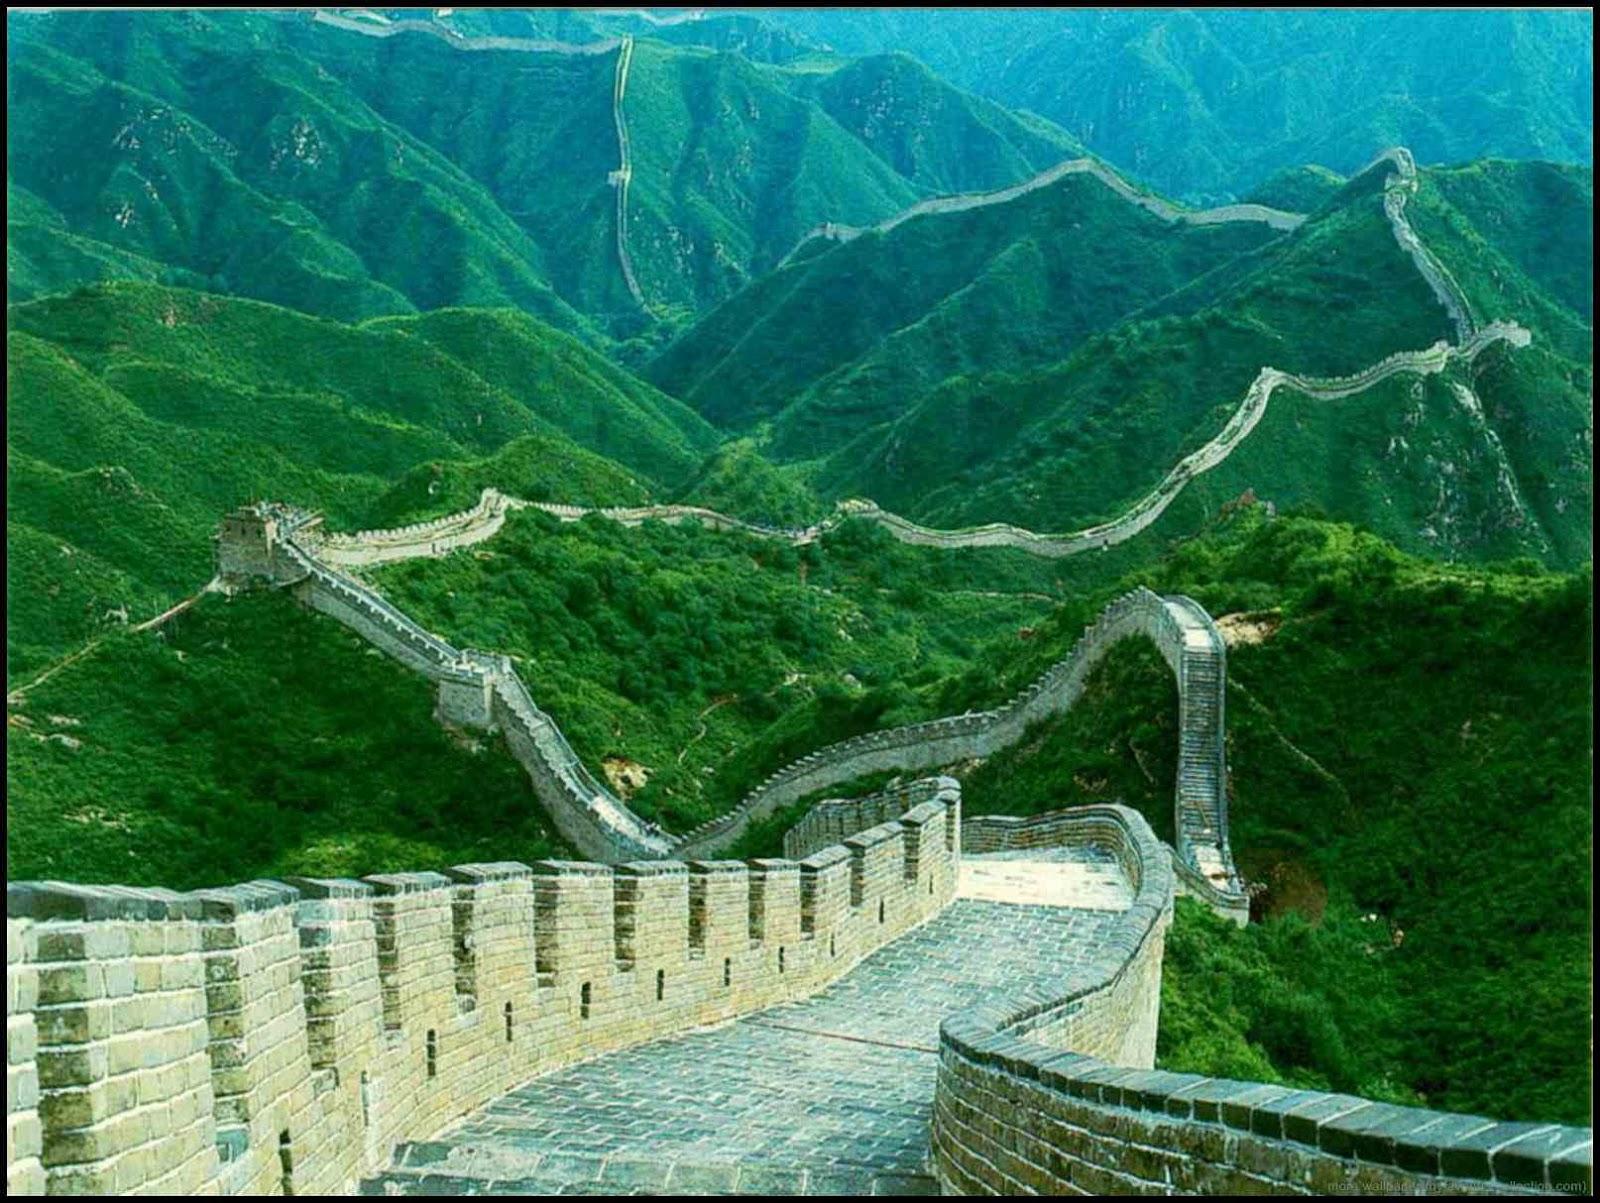 http://1.bp.blogspot.com/-ywETm6i2j8c/UEJRbAx3OKI/AAAAAAAADdo/J627uu90gd4/s1600/world-most-beautiful-places-12-1600x1200.jpg